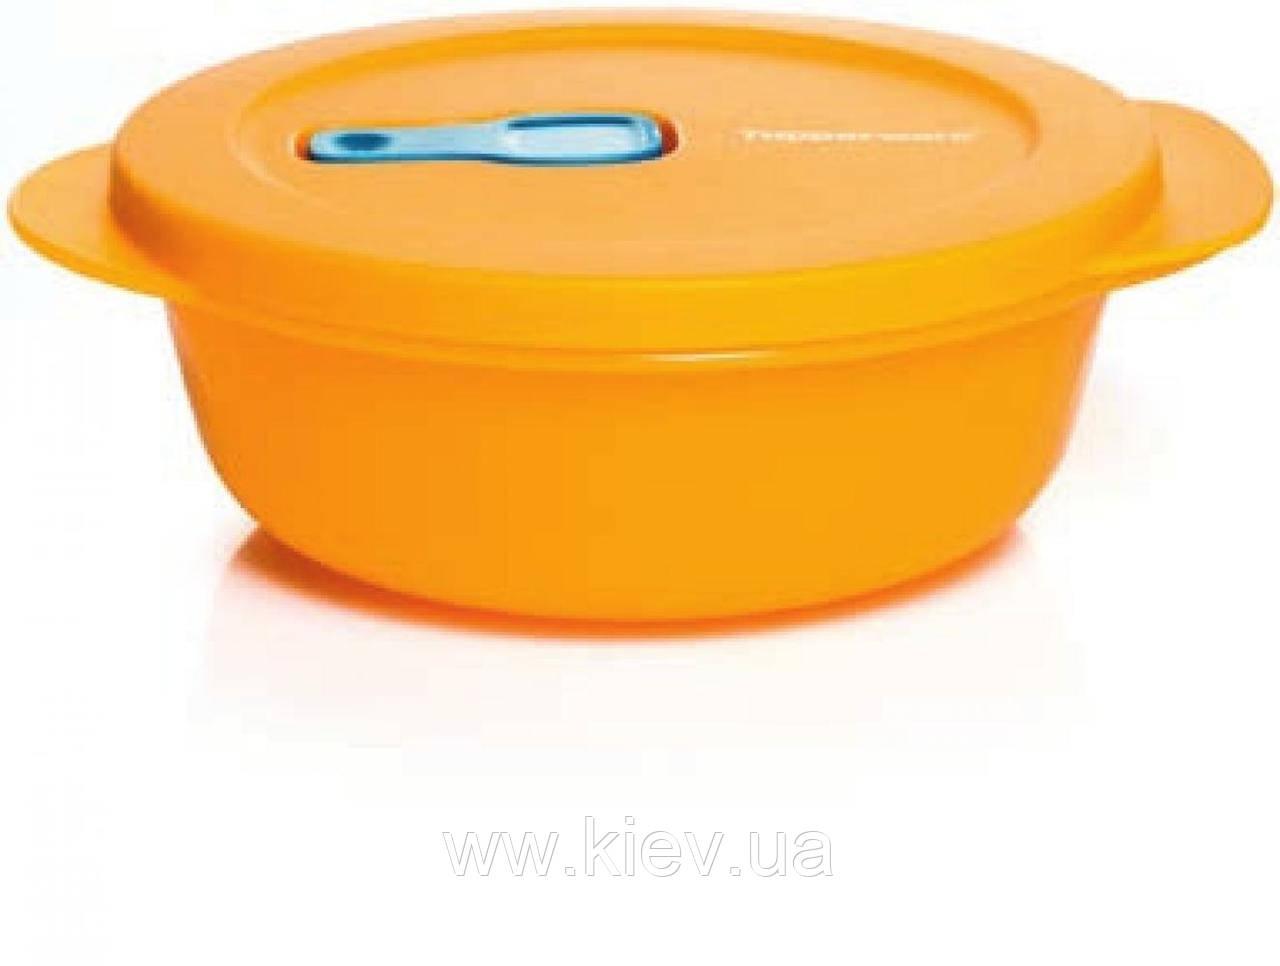 Ёмкость Новая волна 600мл Tupperware оранжевый